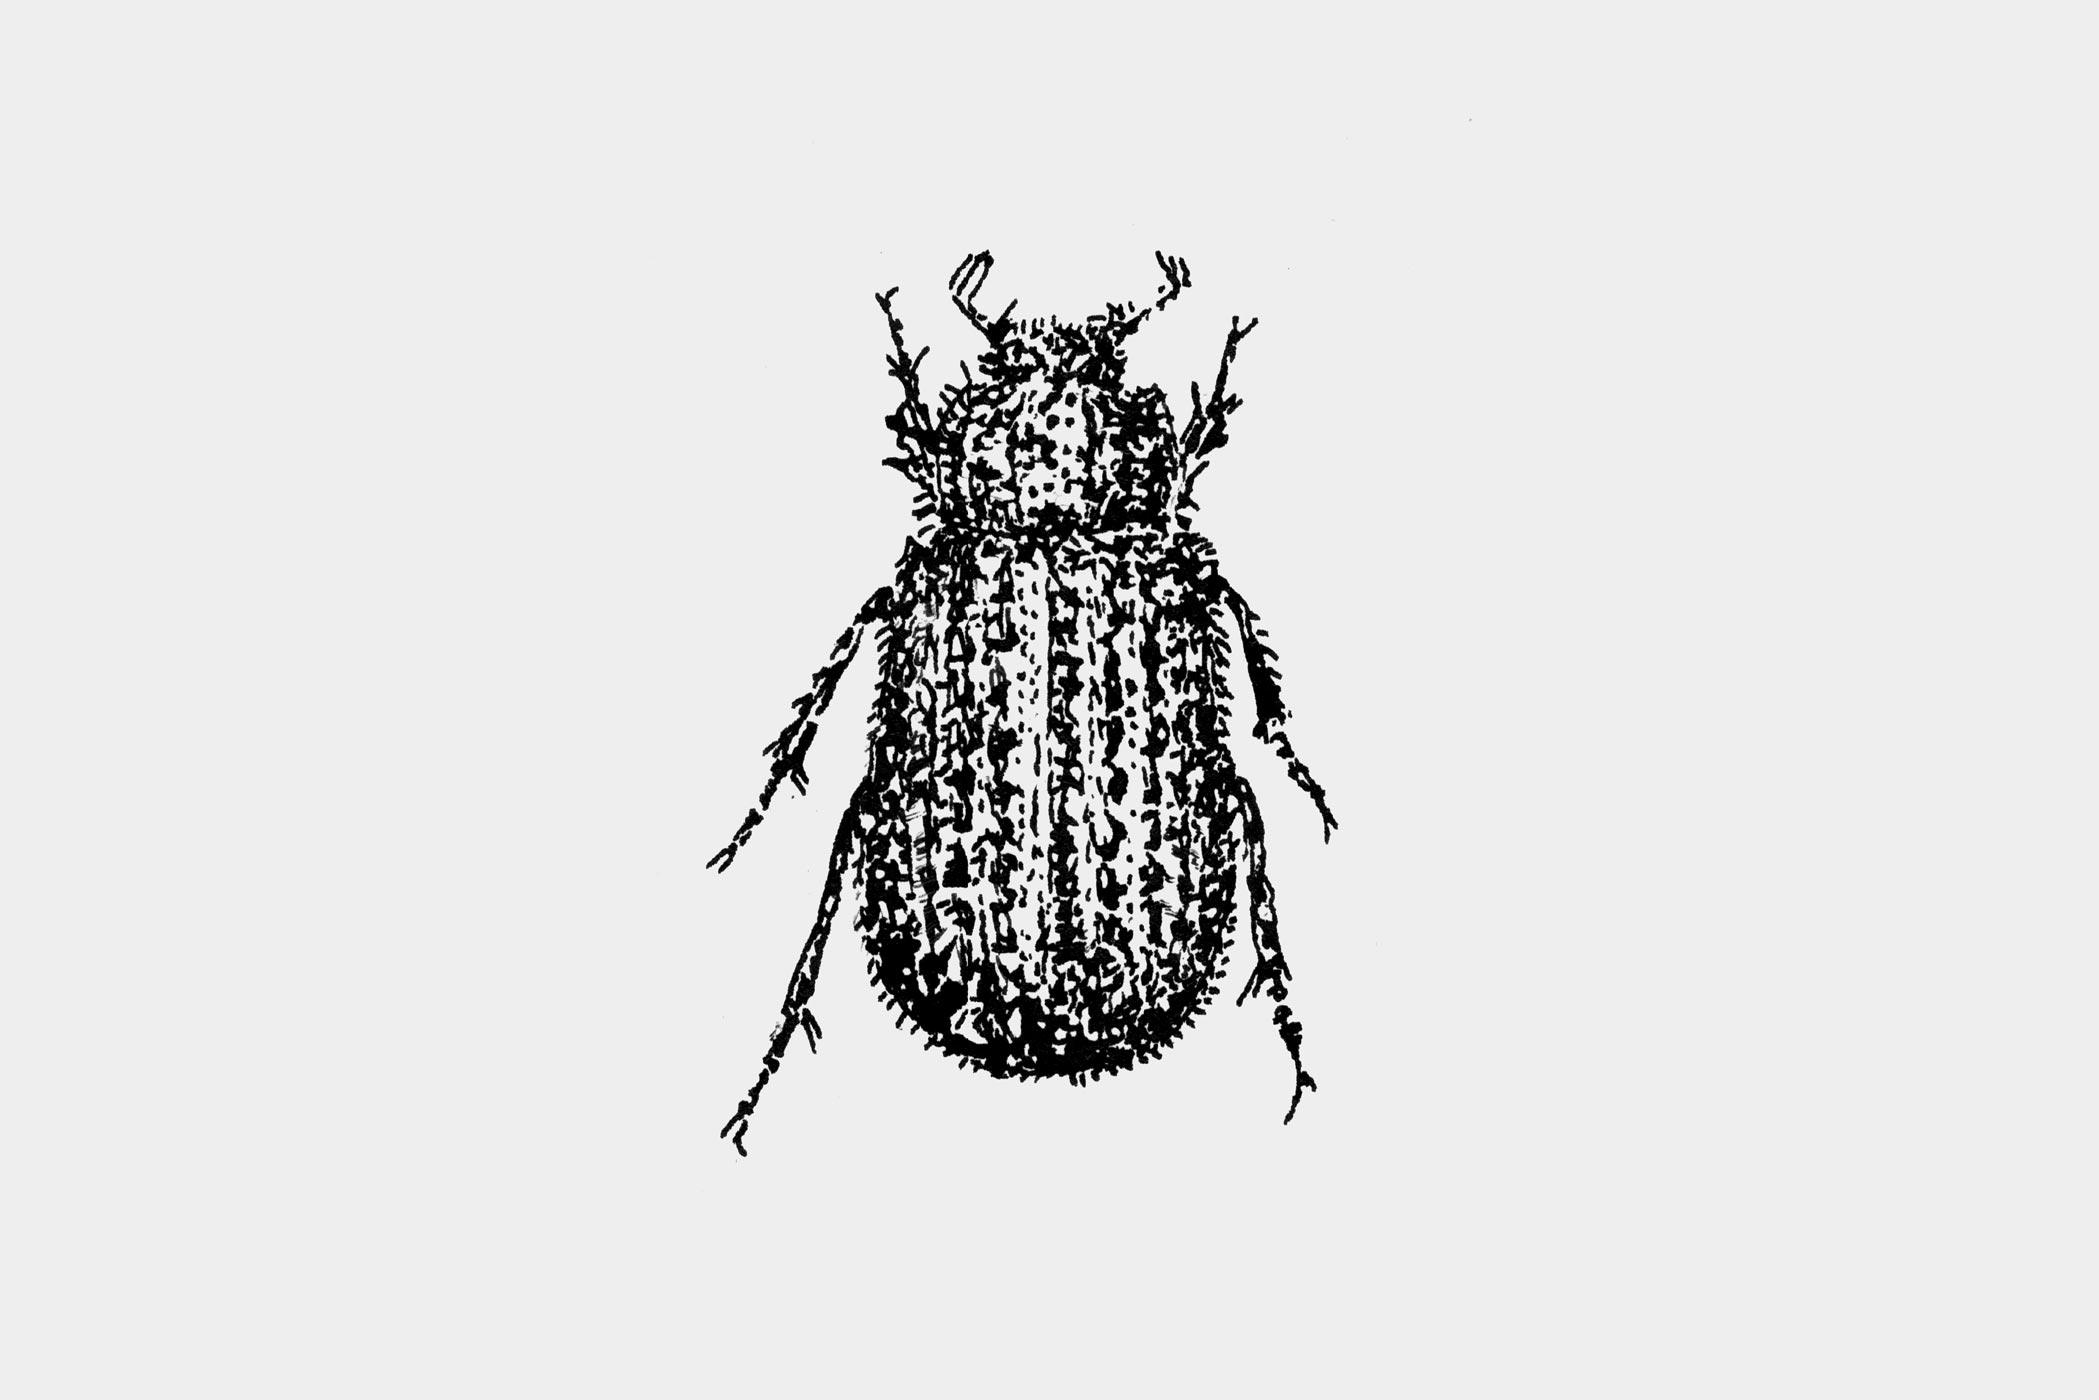 """Federzeichnung eines Käfers, gezeichnet von Christian Thanhäuser als Illustration für die 10-bändige Buchserie """"Erinnerungen eines Insektenforschers"""" von Jean-Henri Fabre für den Verlag Matthes & Seitz Berlin"""